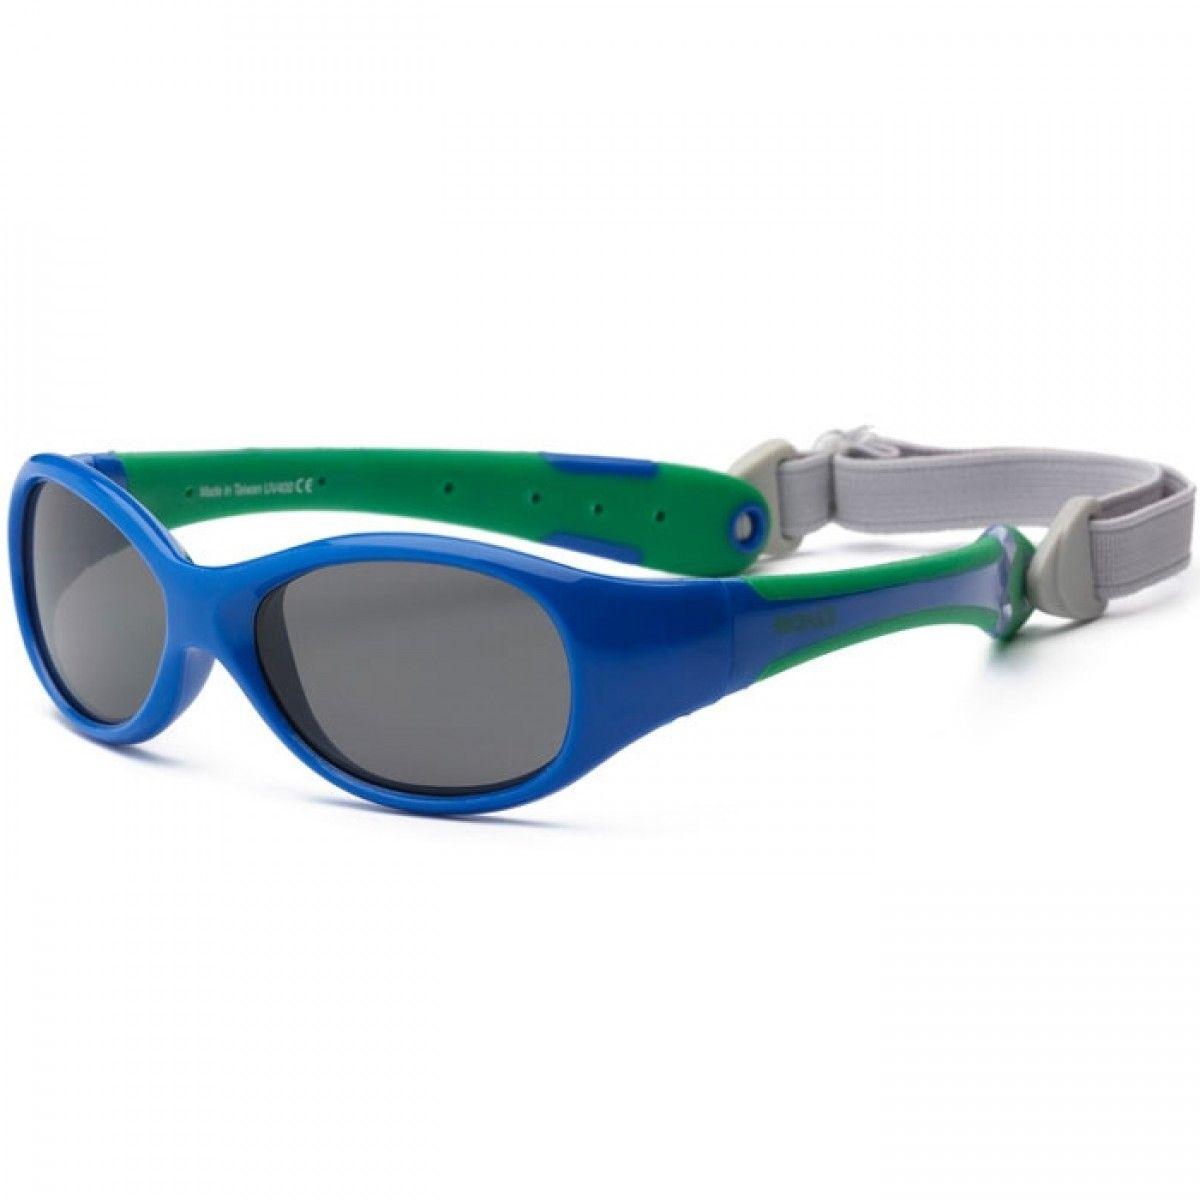 Image of Solbriller fra Real Shades - Explorer - Blå (WXPRYGR)